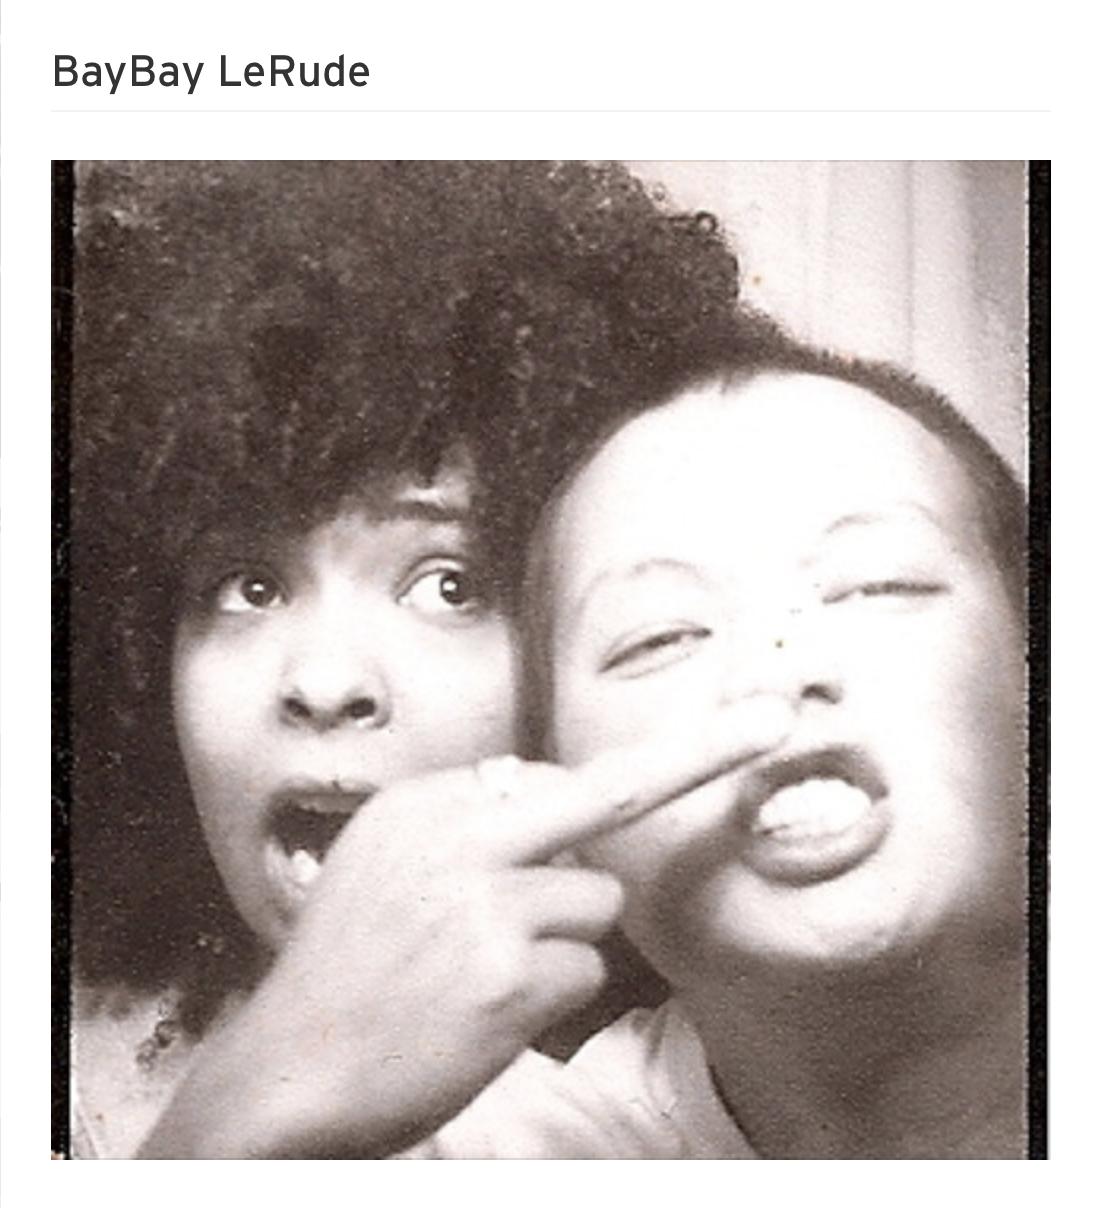 Hear the music here! BabyBay LeRude!